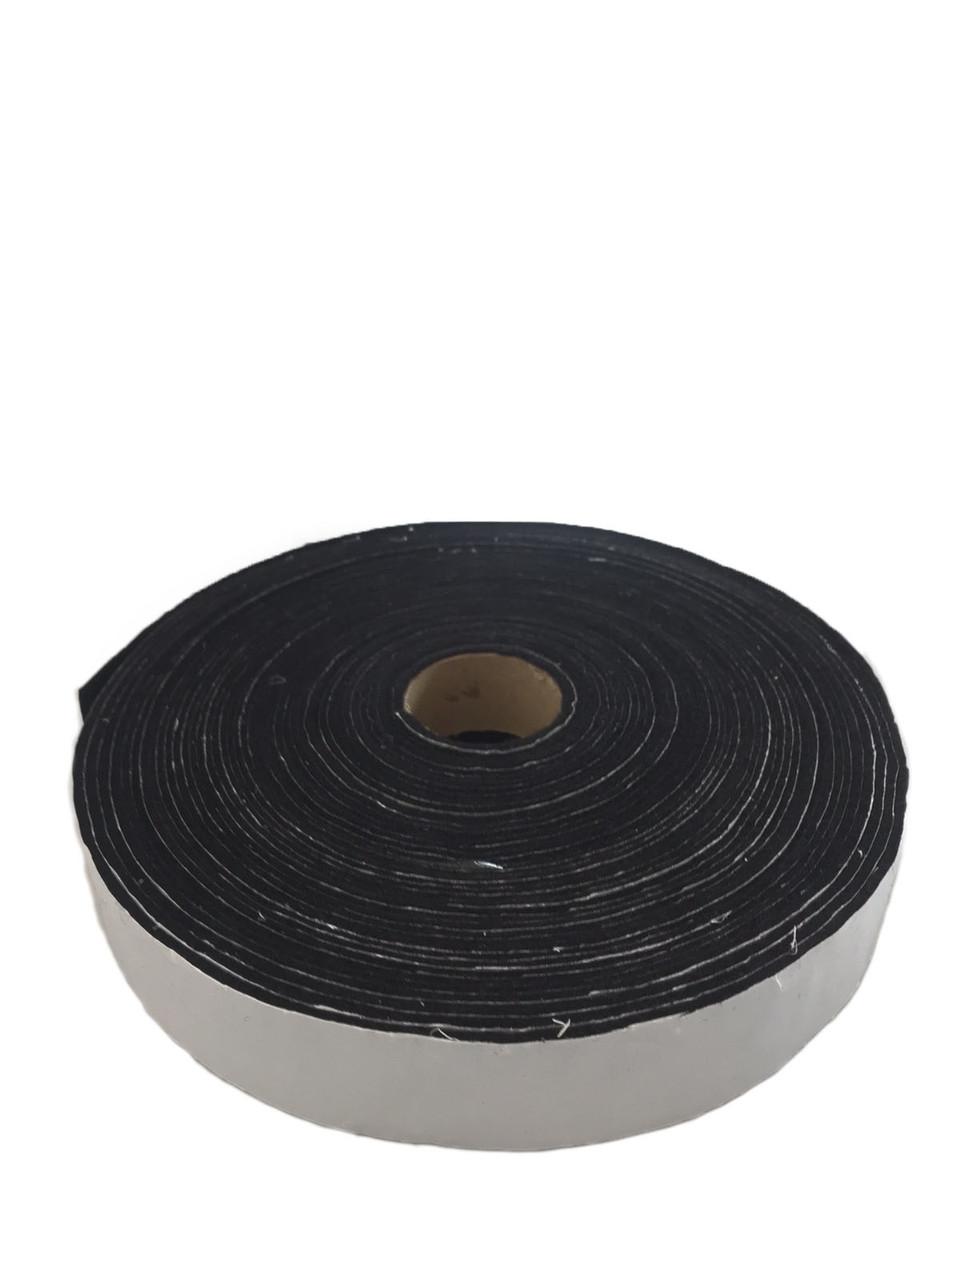 TM-141  Самоклеющаяся лента для выгонок,войлок - CARIGHT thicker felt coil